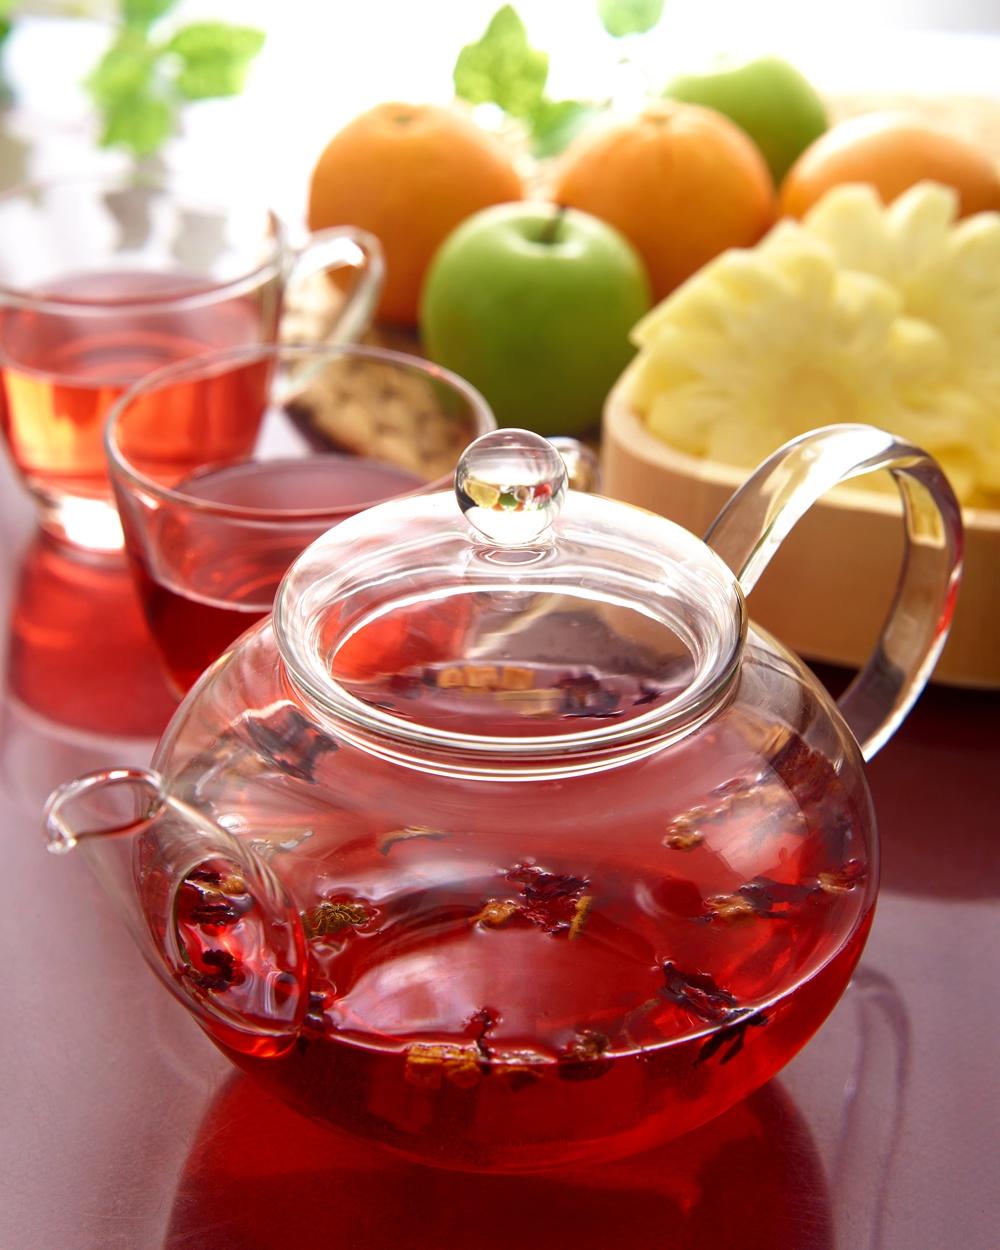 Есть ли фрукты во фруктовом чае?